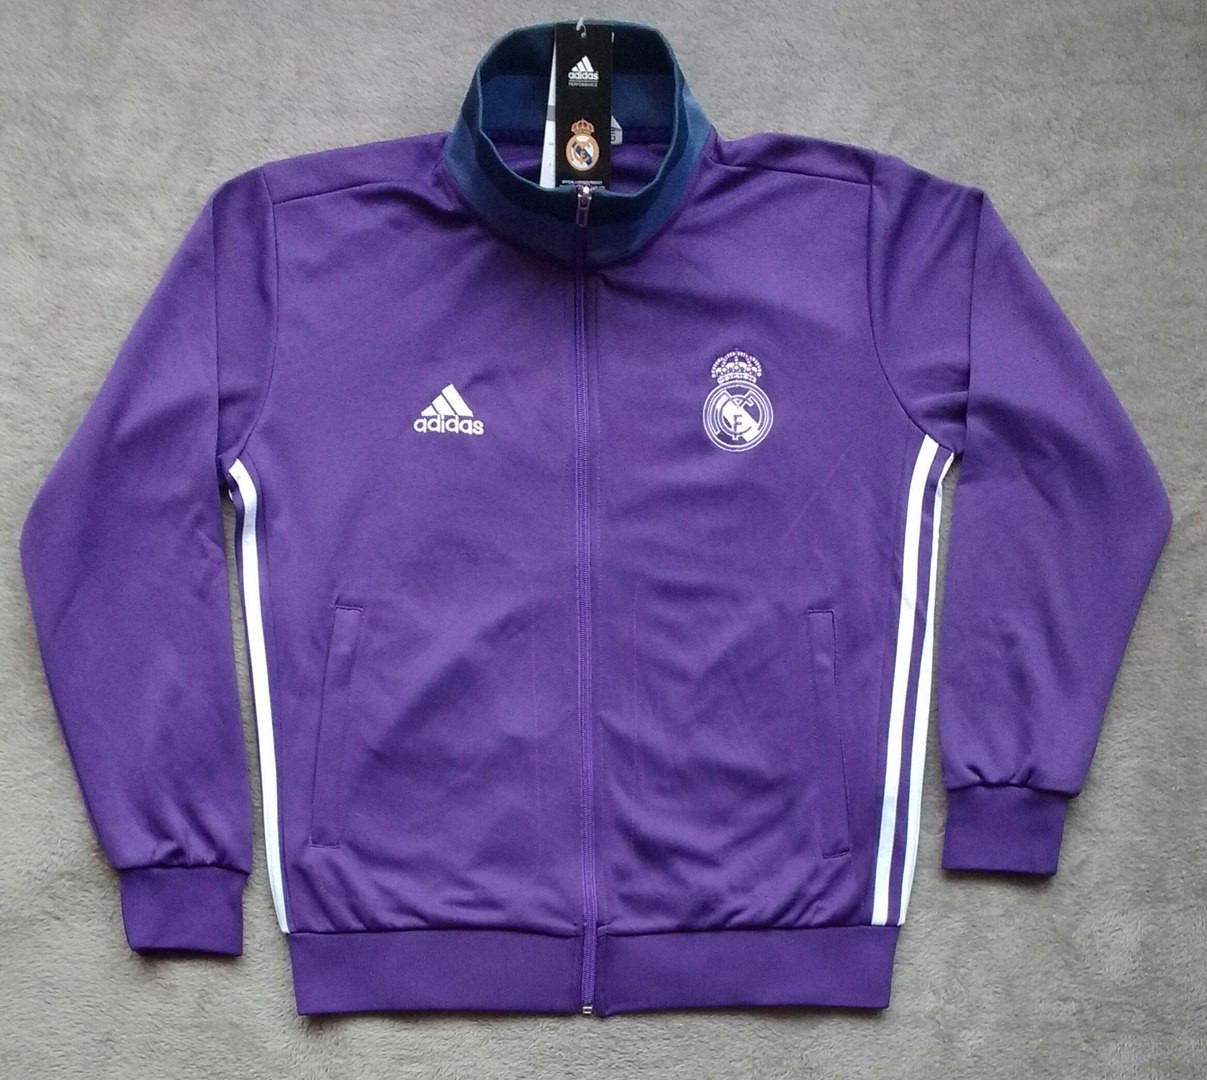 002ad1bcd076 Купить Олимпийка футбольная Реал Мадрид фиолетовая в Украине.